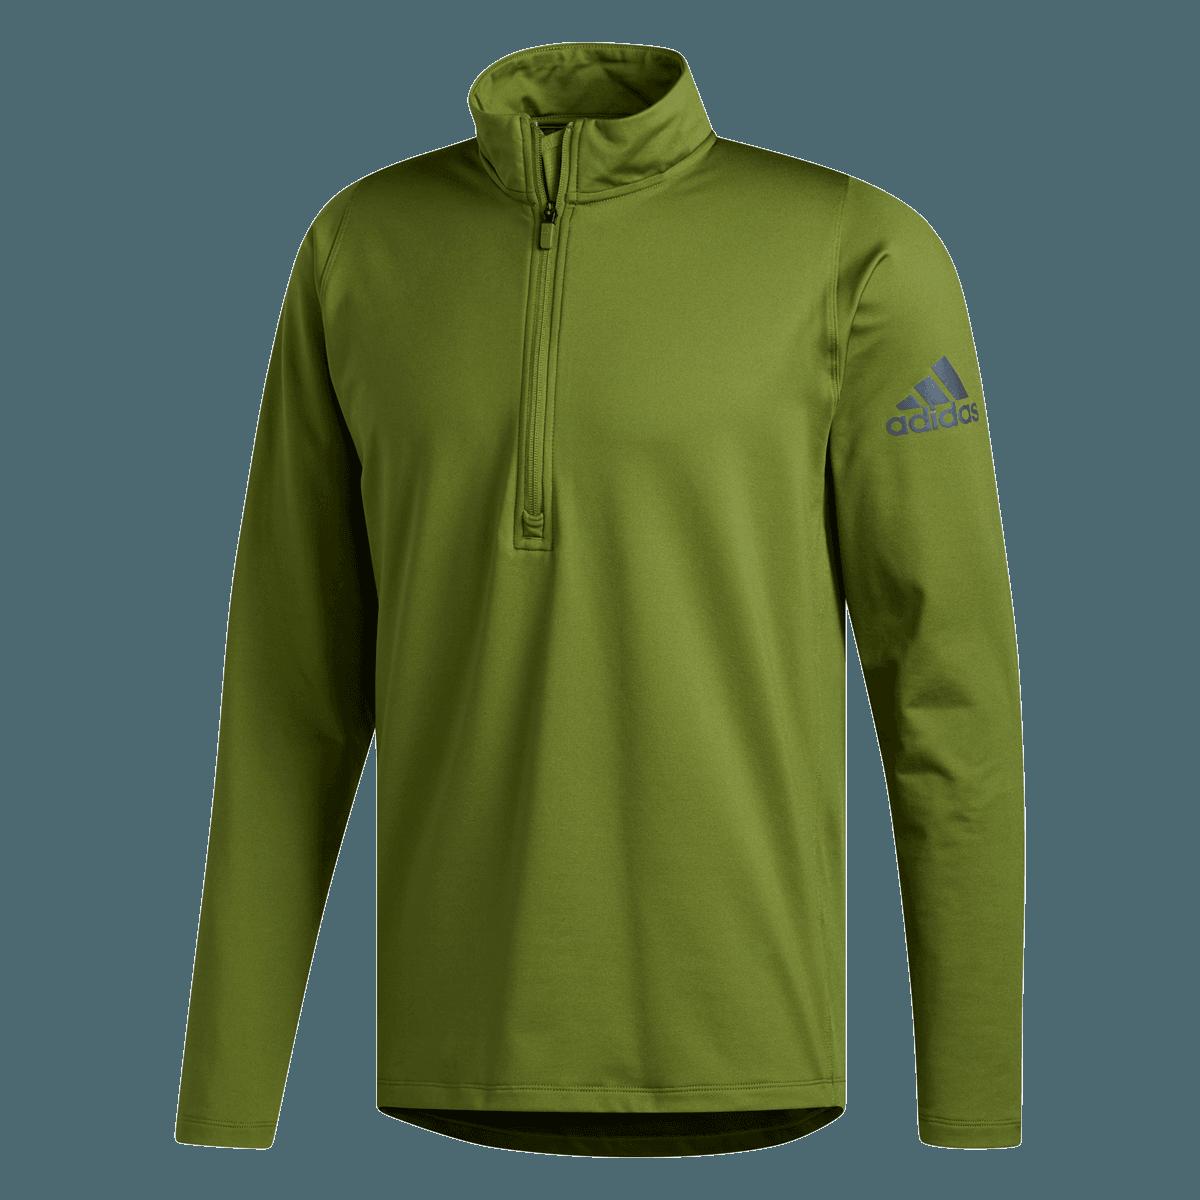 adidas Sweatshirt FreeLift Camo Climawarm 12 Zip Fleece Tee grünschwarz